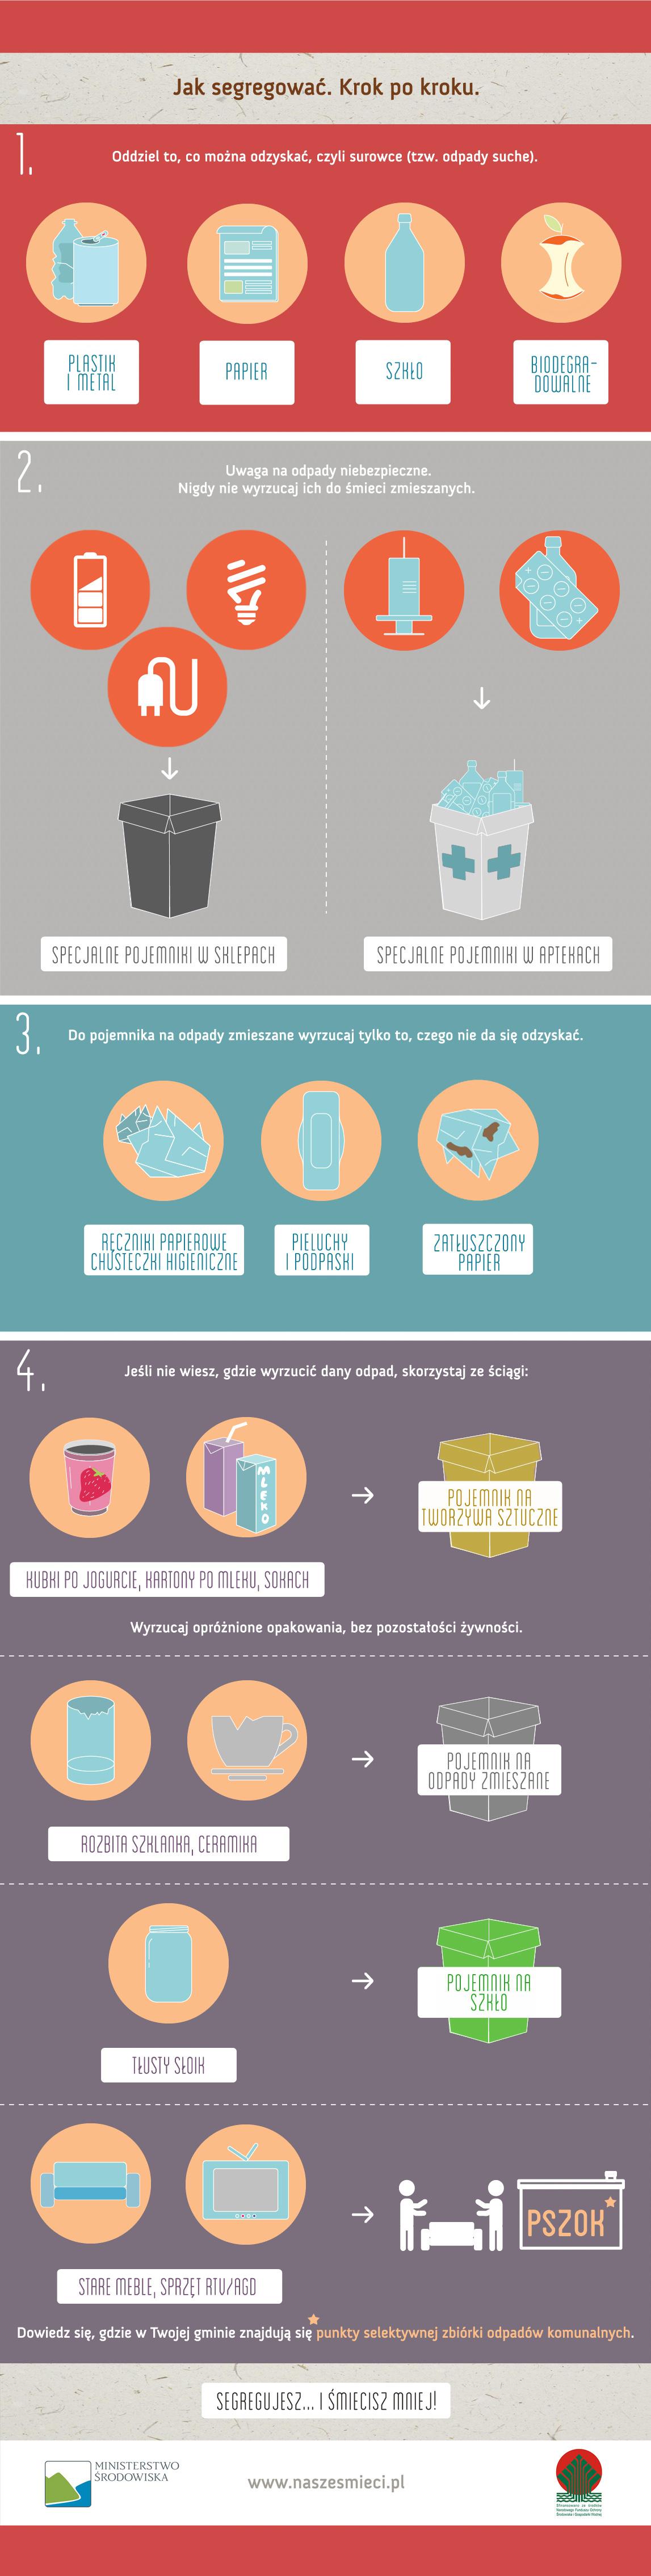 Jak segregować odpady. Instrukcja krok po kroku